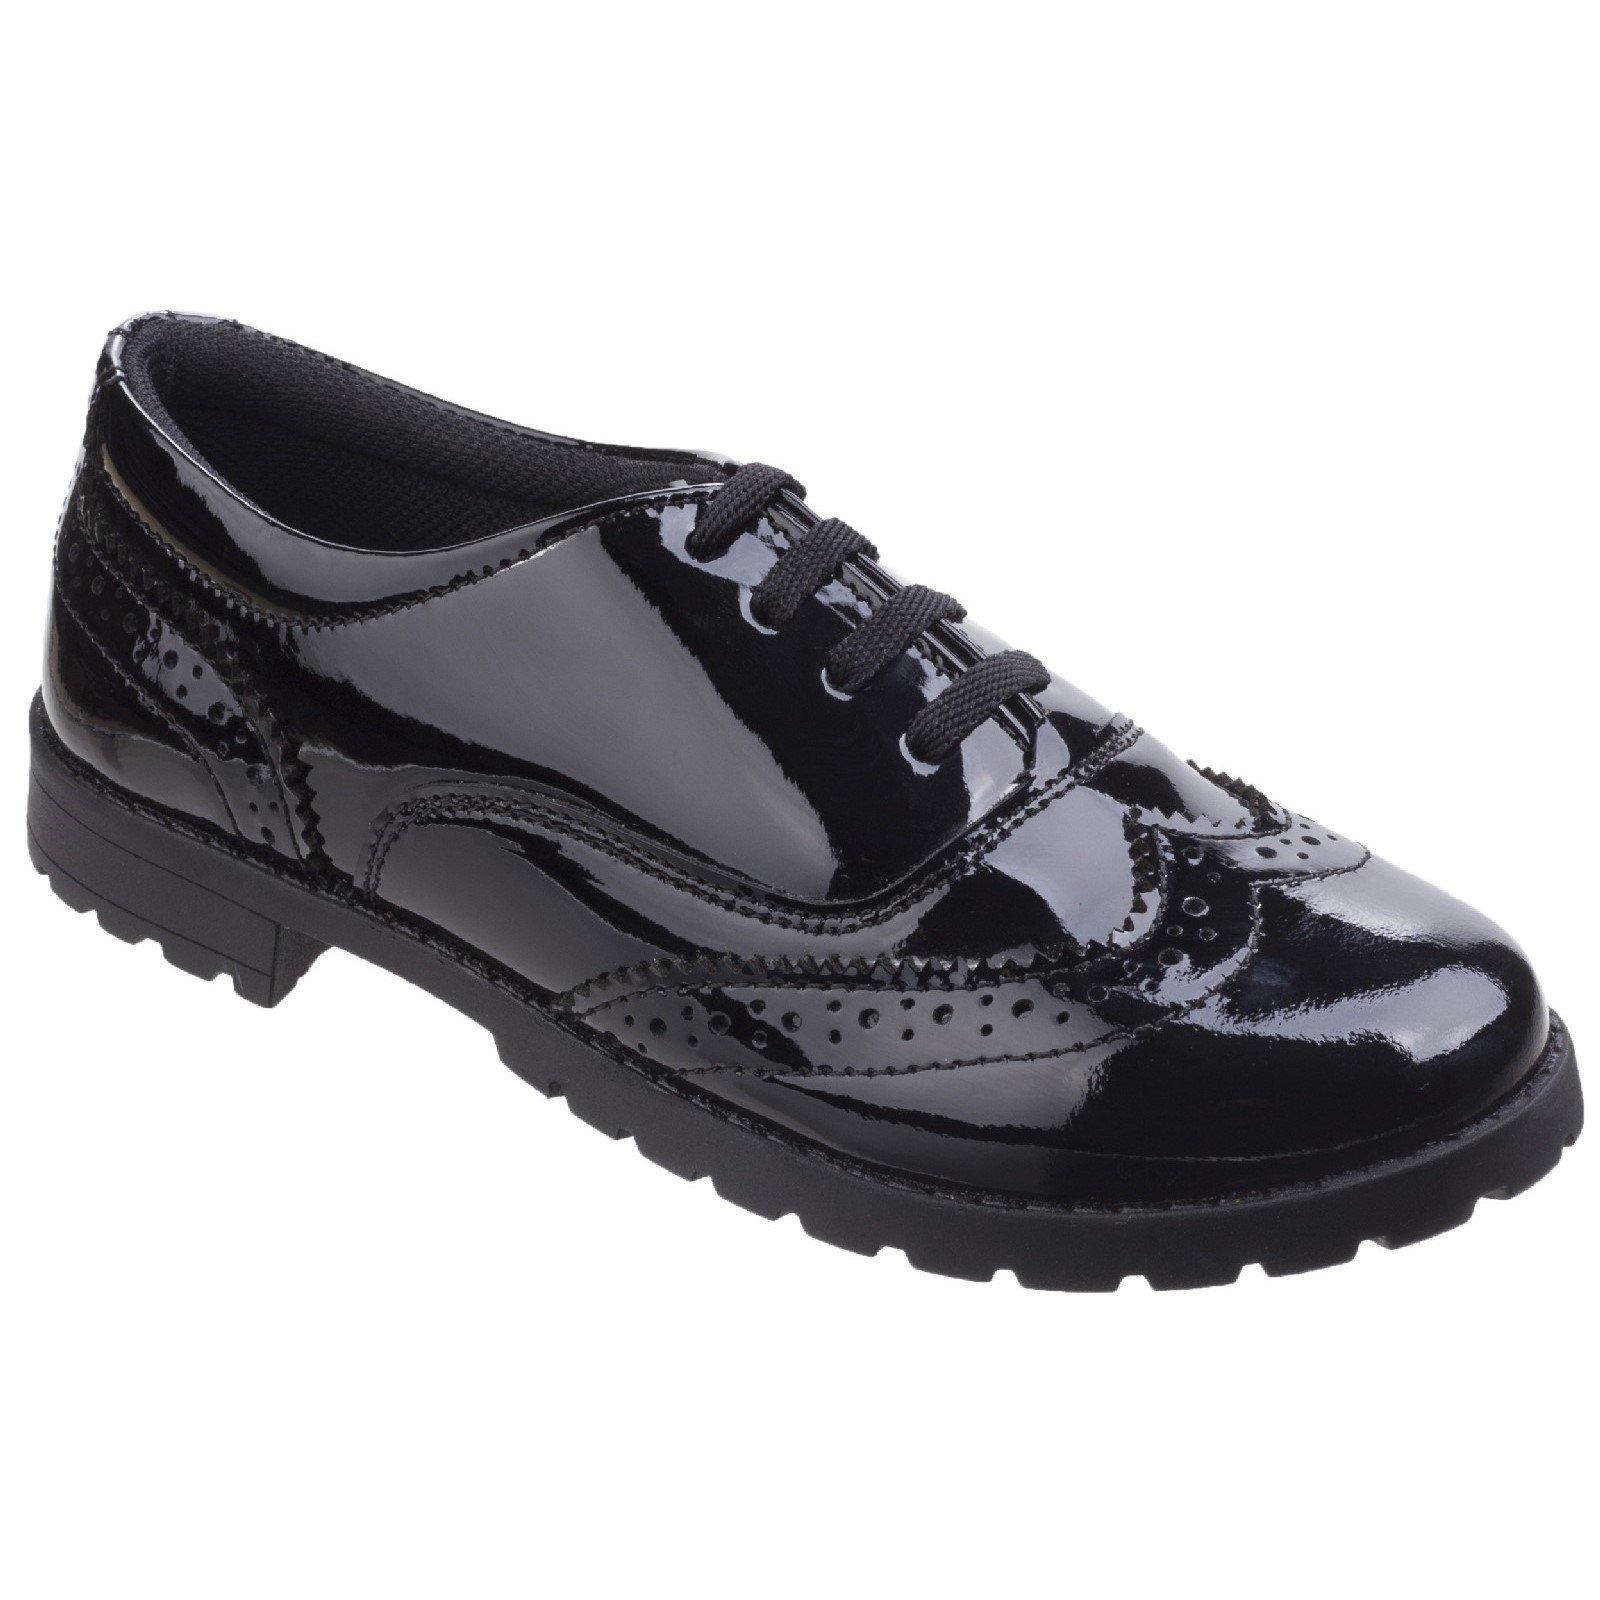 Hush Puppies Kid's Eadie Junior Patent School Shoe Black 32734 - Patent Black 2